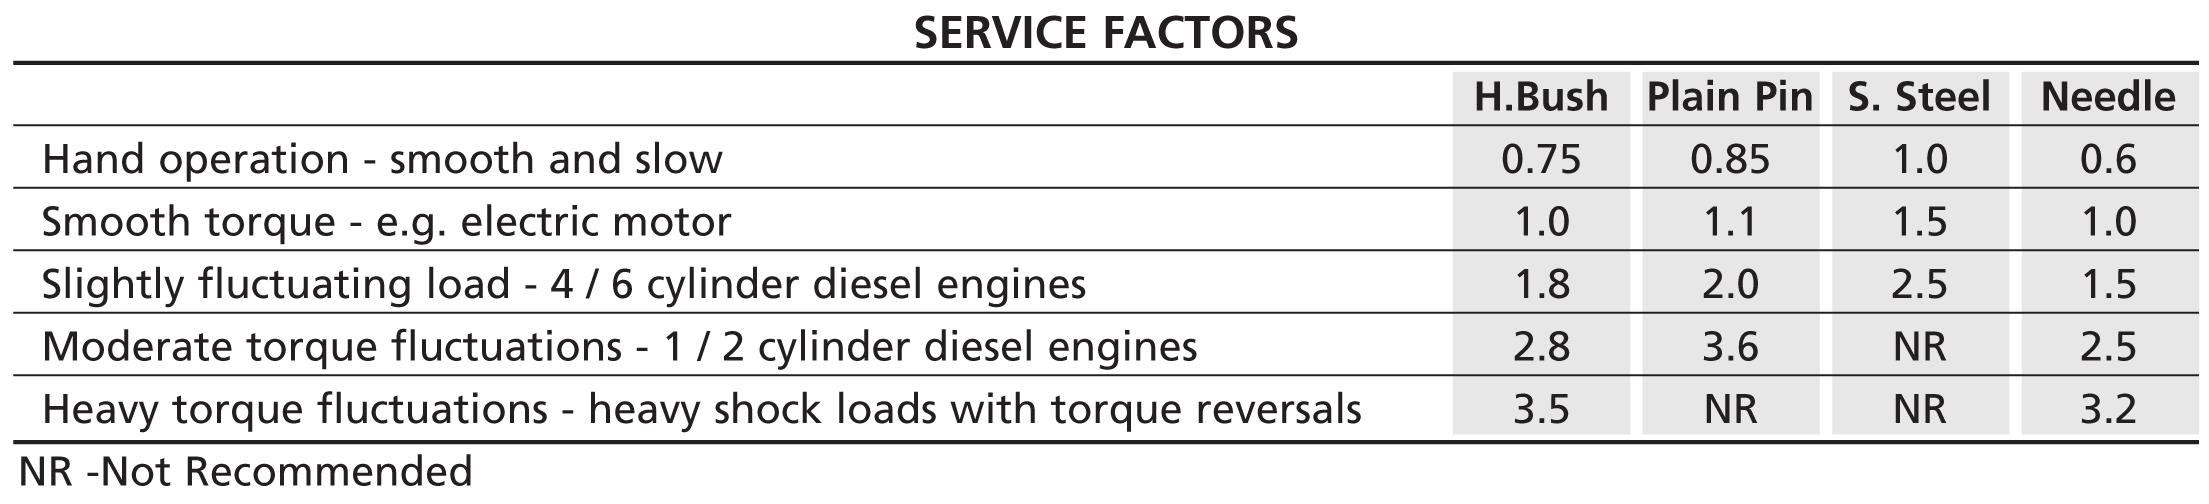 service_factors